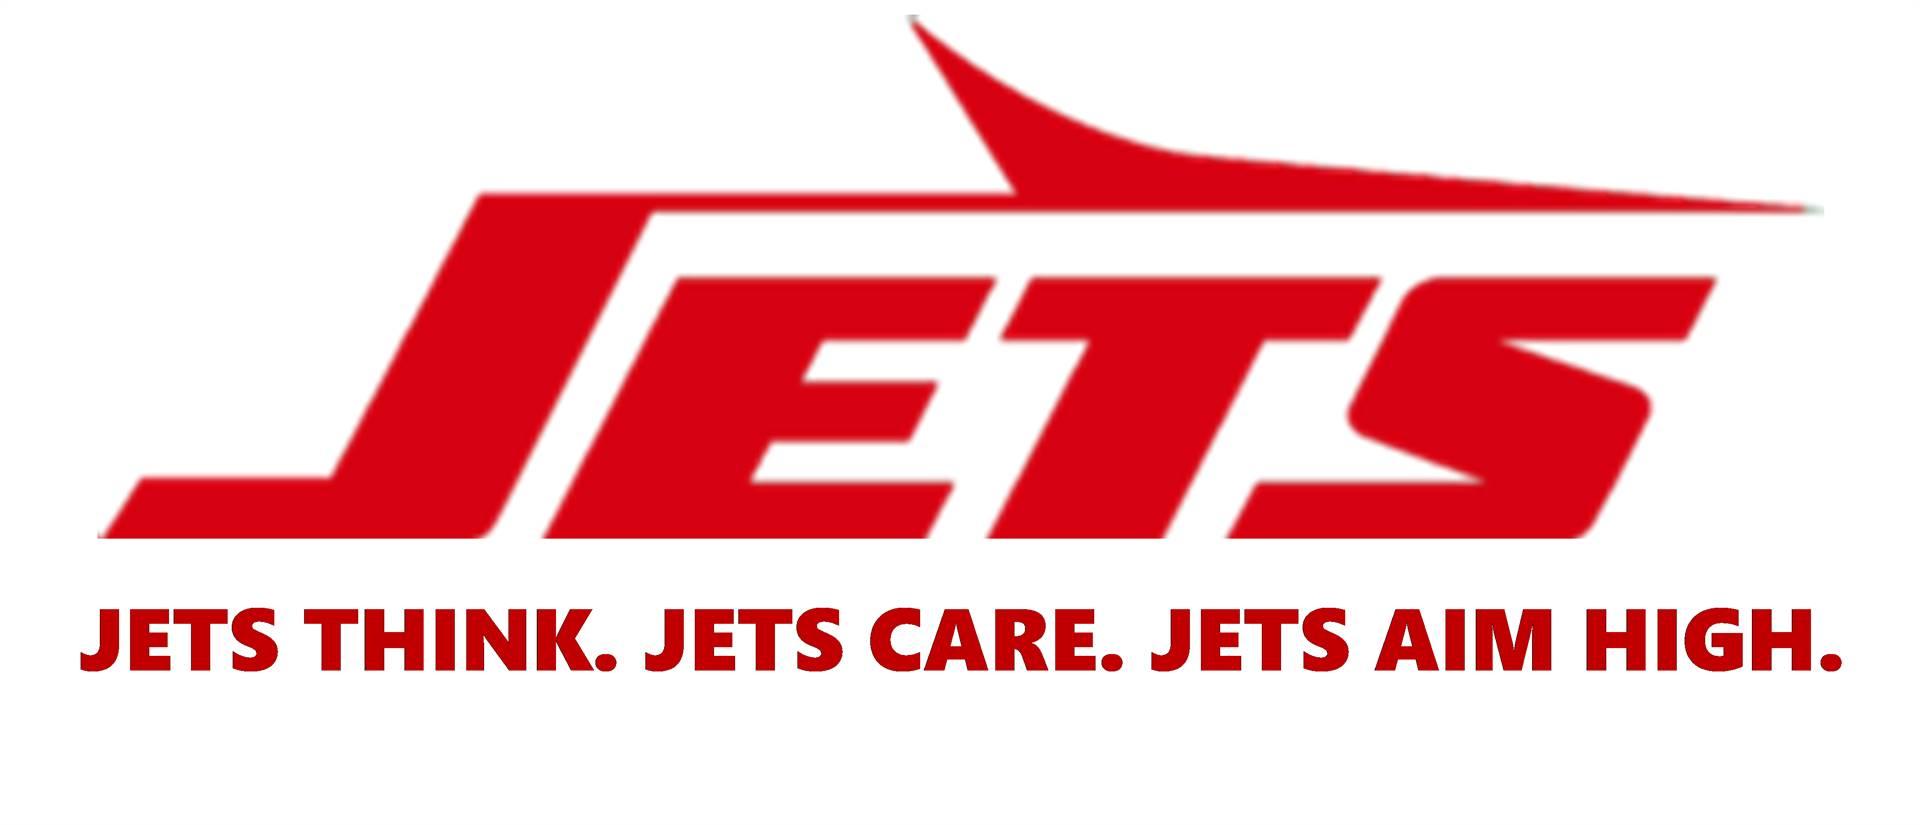 jets aim high